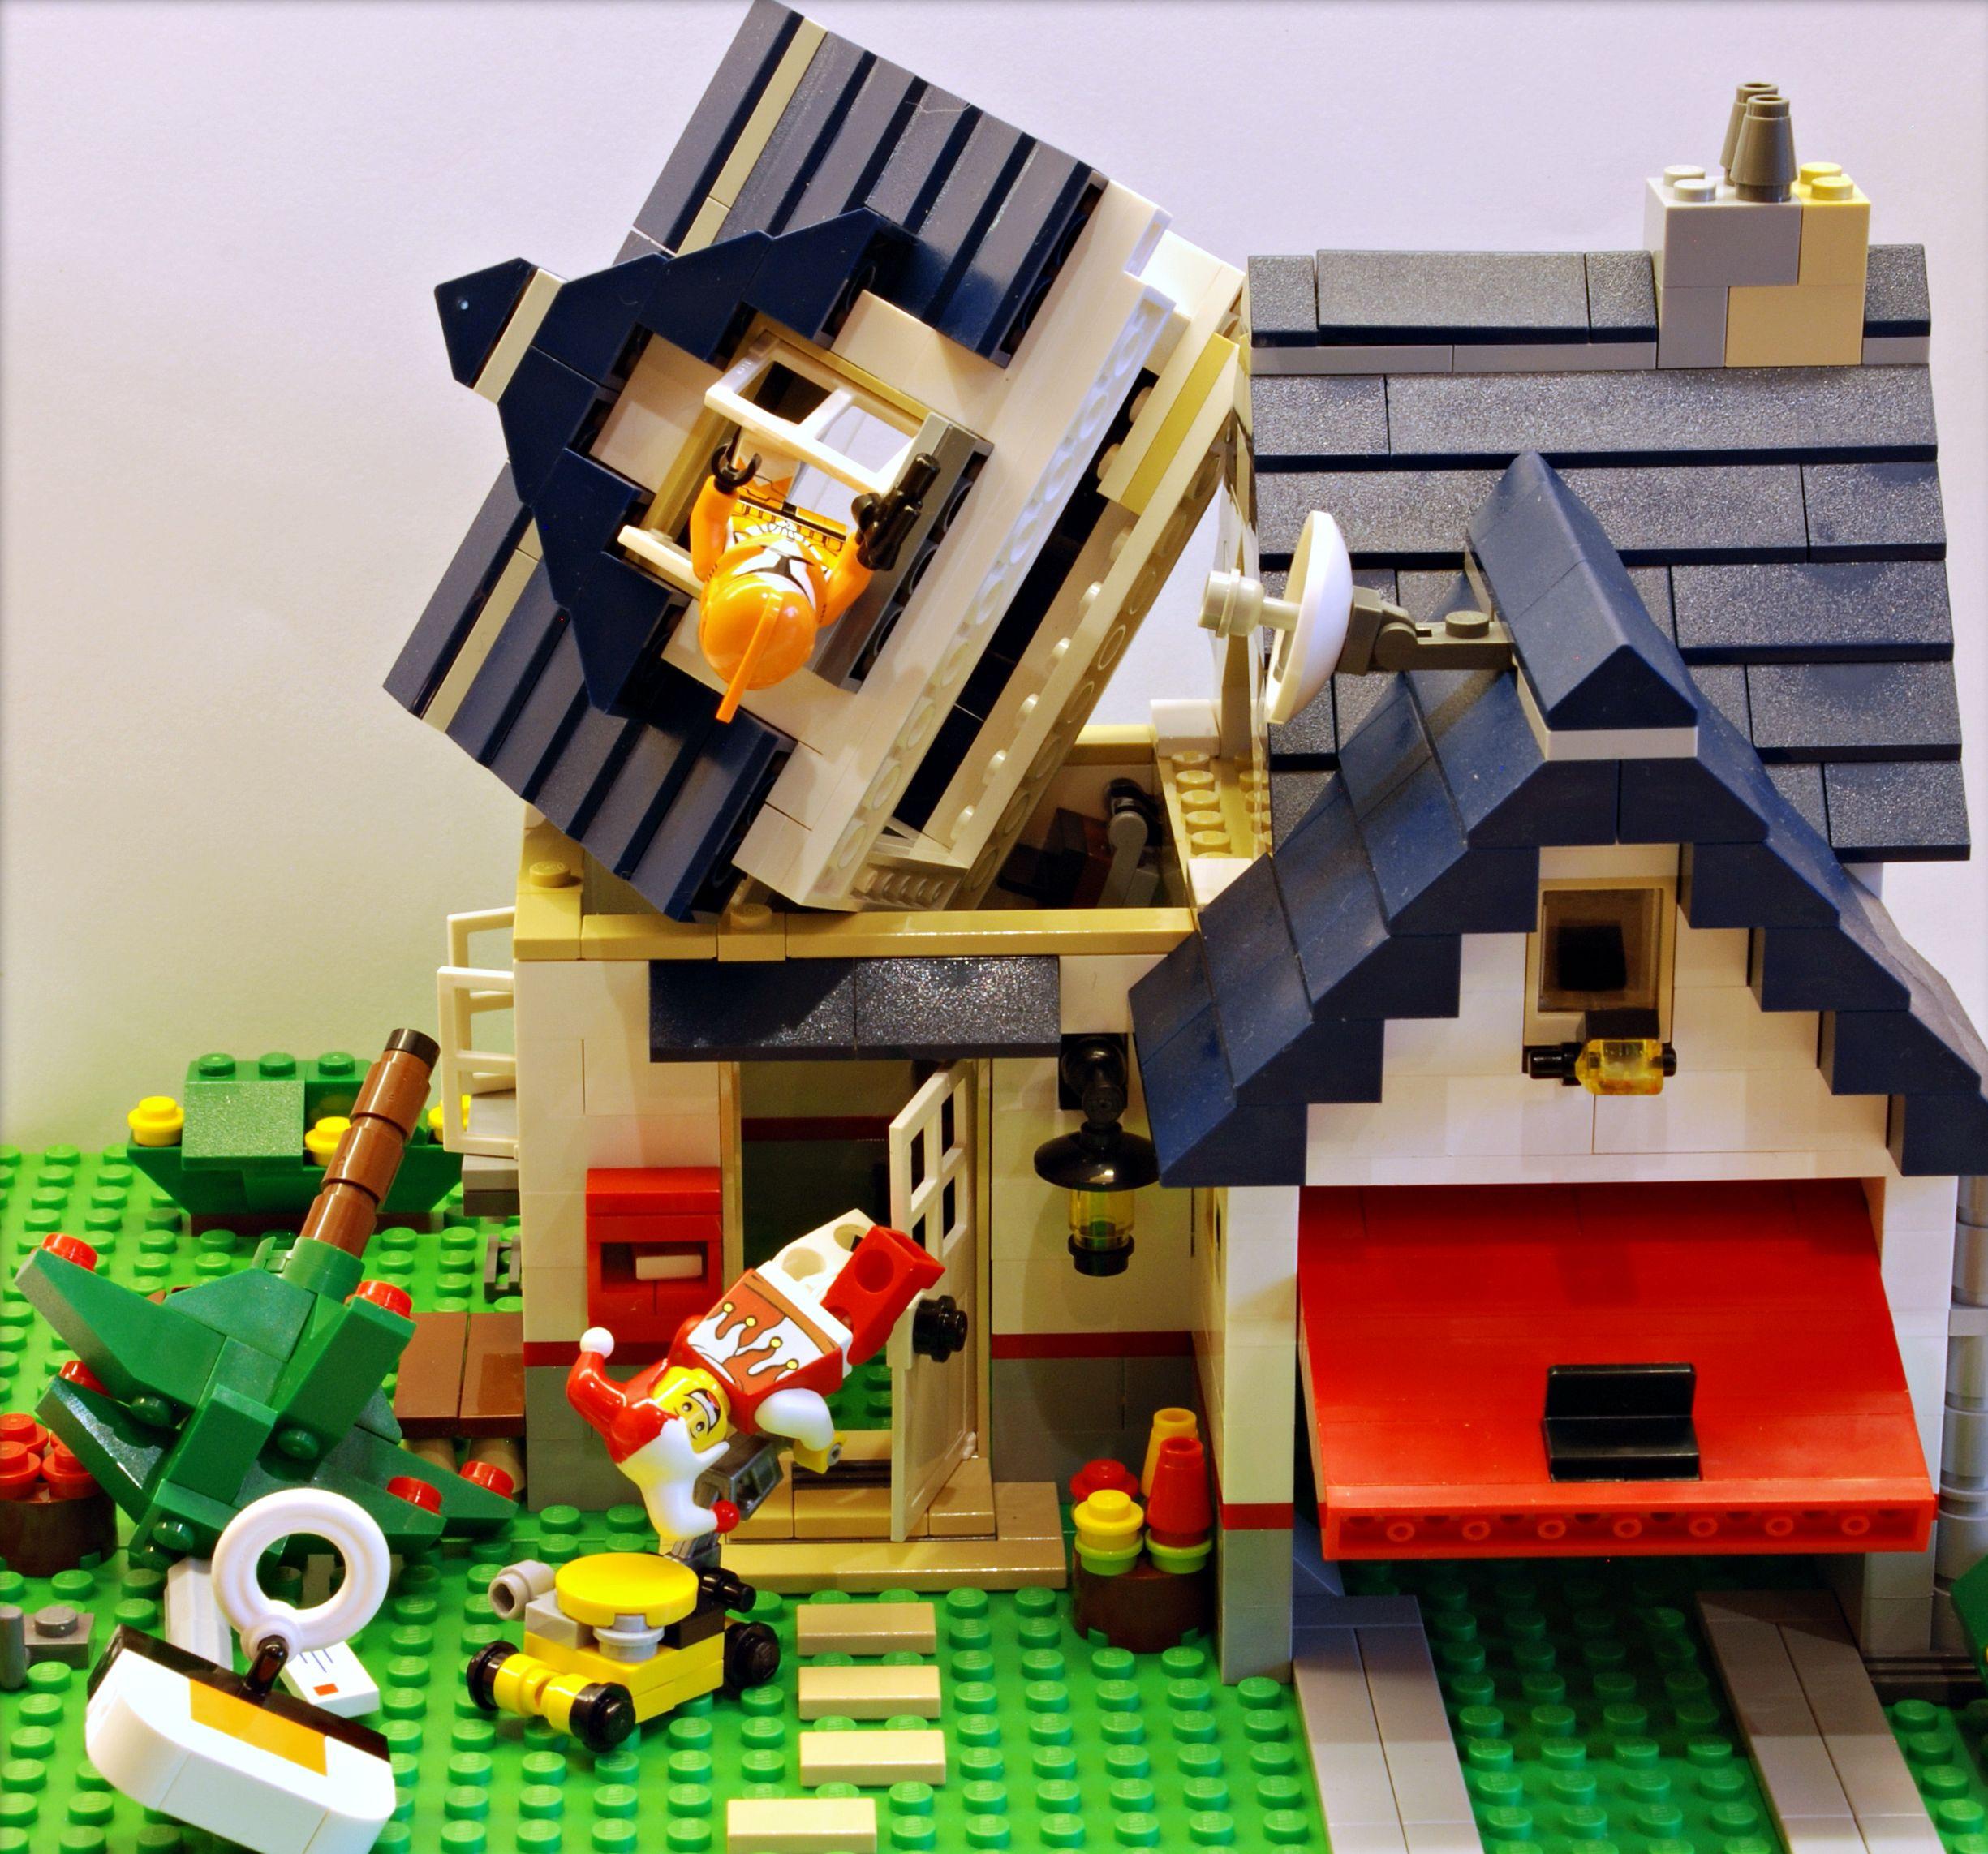 lego 5891 creator the apple tree house i brick city